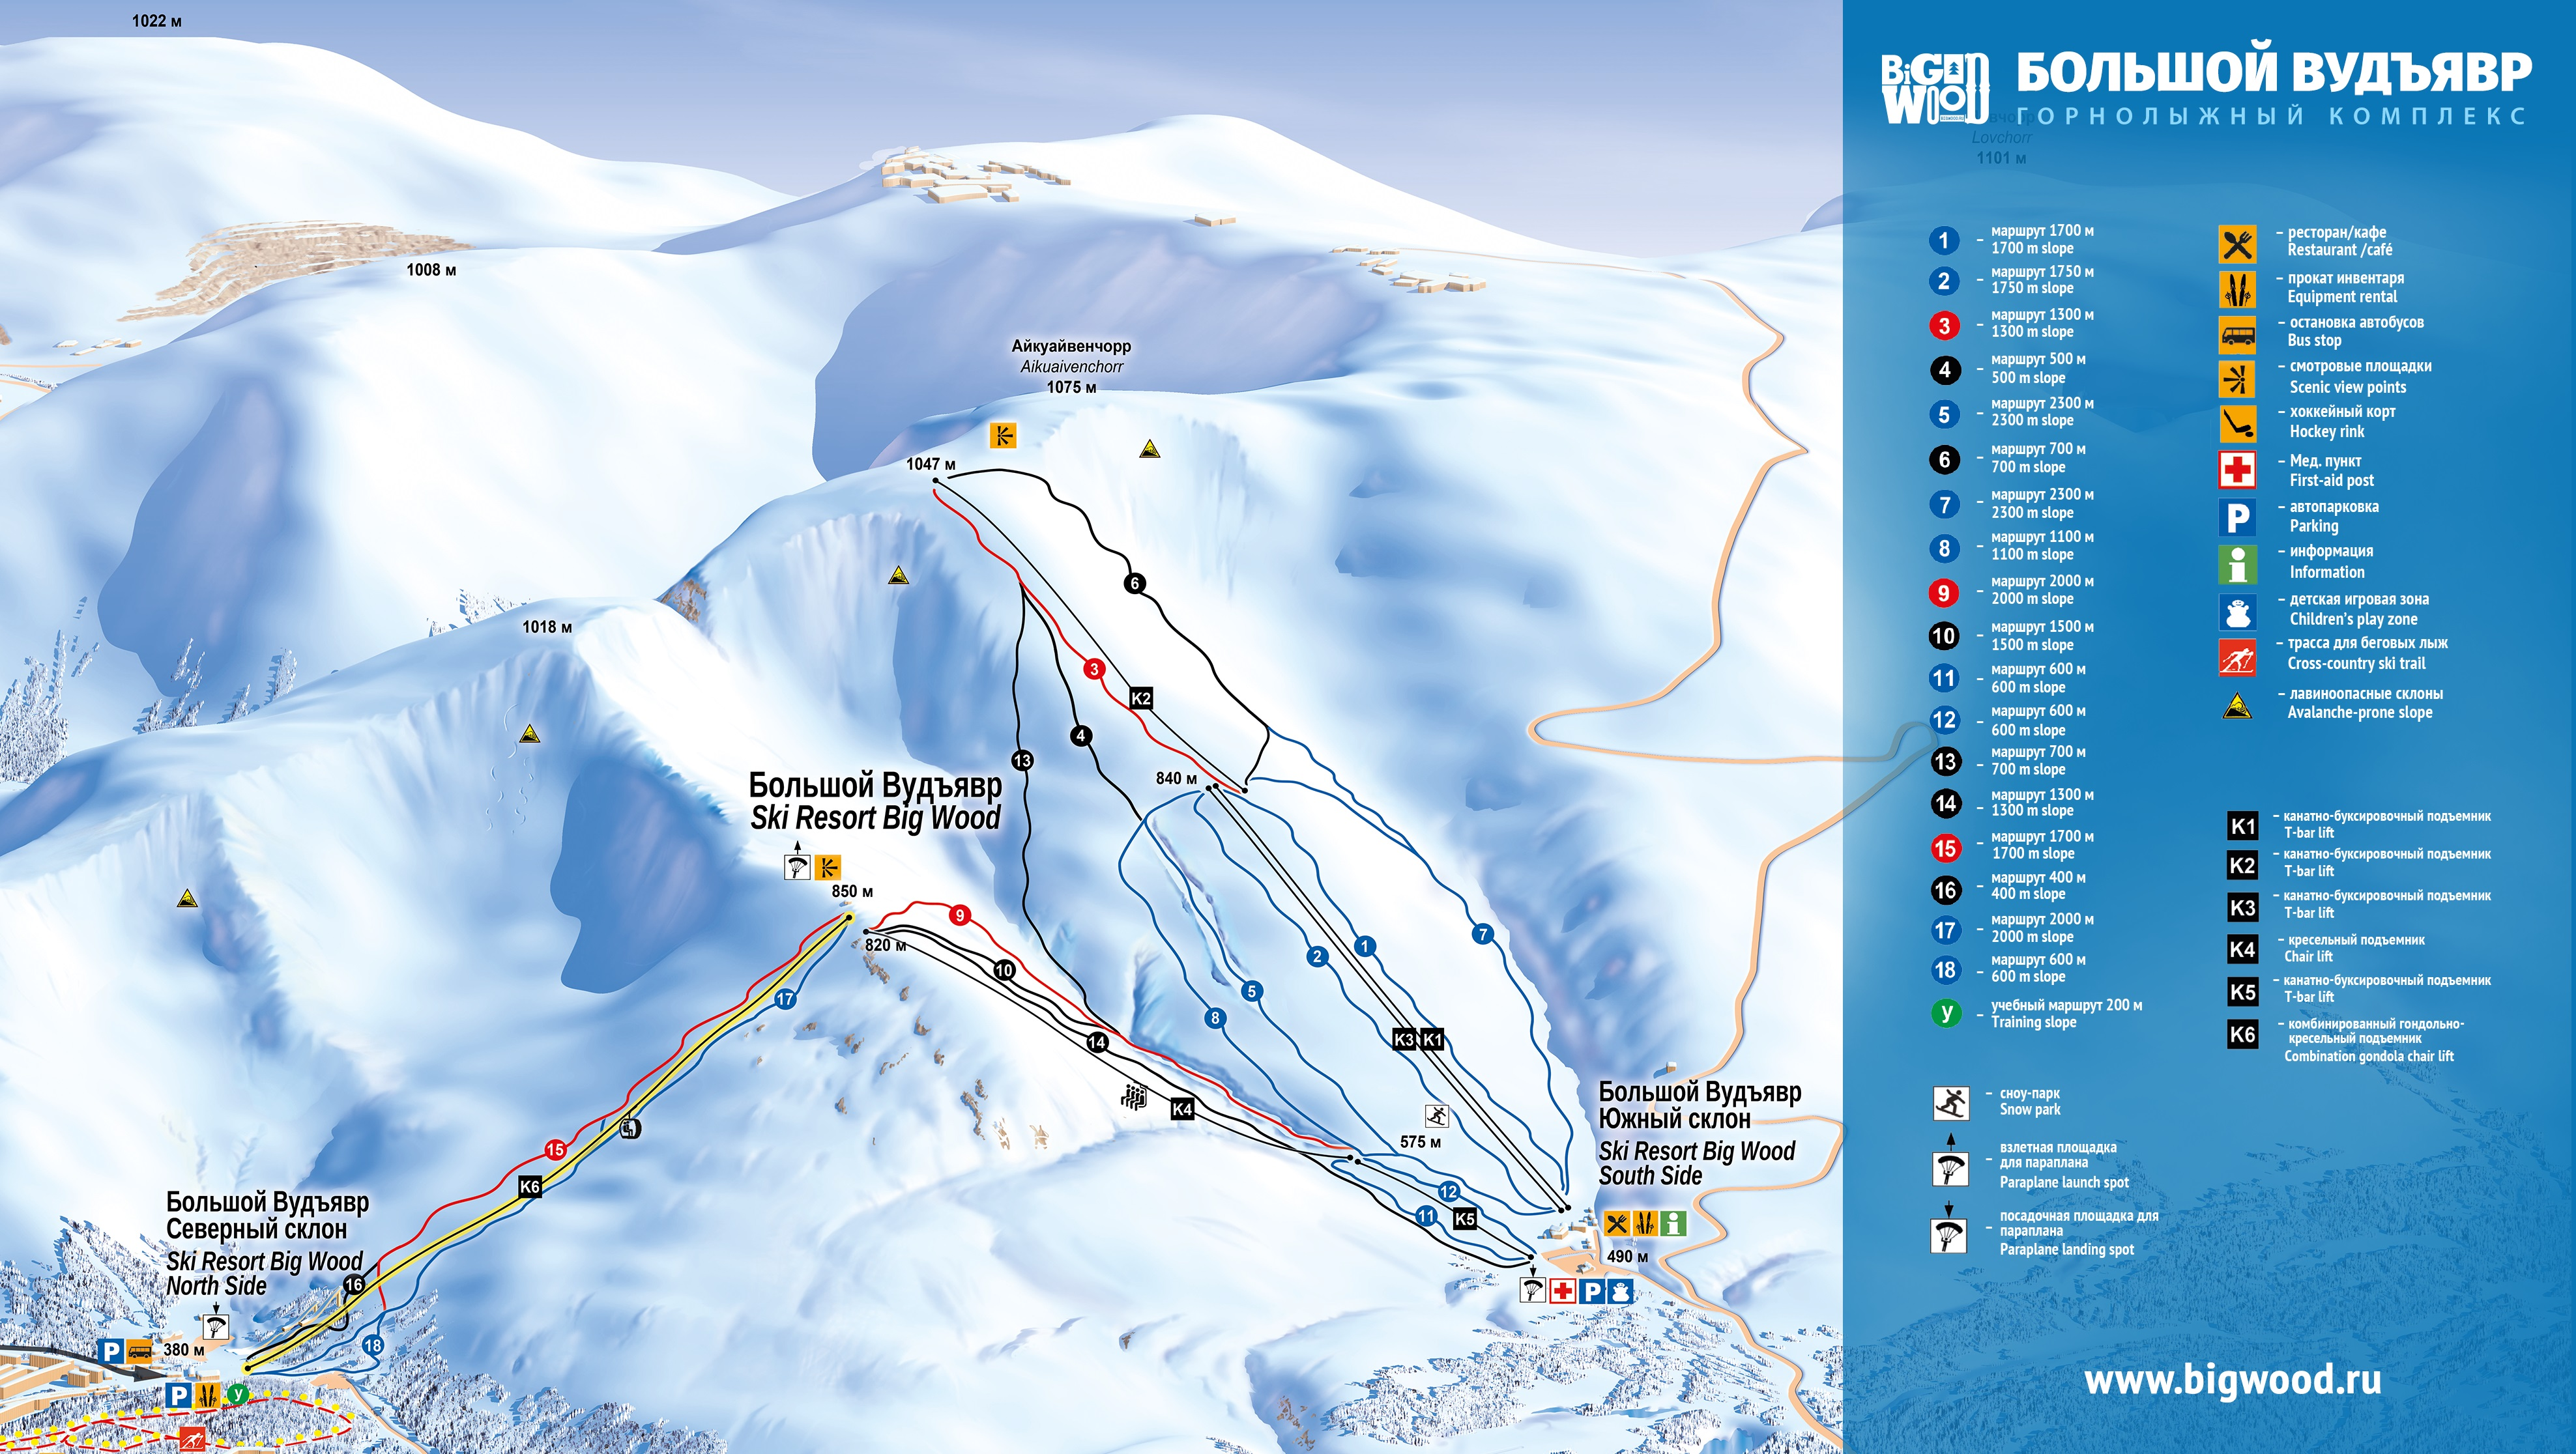 Карта трасс курорта Большой Вудъявр